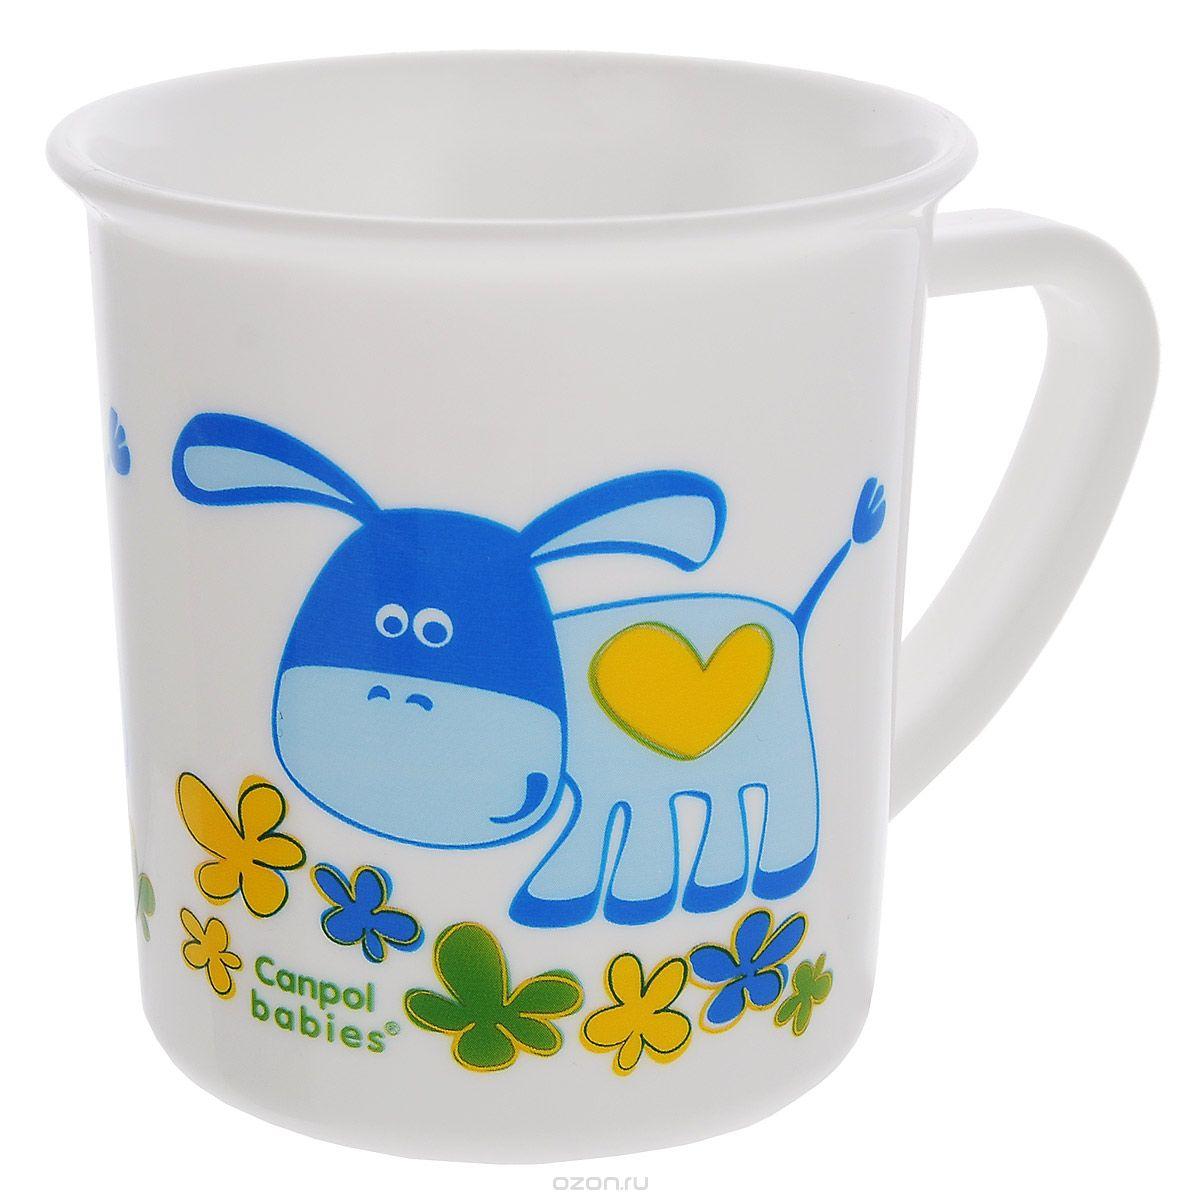 Чашка детская Canpol Babies, цвет: белый4/413Детская чашка Canpol Babies идеально подойдет для малыша, она выполнена из прочного безопасного материала и оформлена изображением забавного ослика. Удобная ручка позволит малышу самостоятельно держать чашку. Характеристики: Размер чашки: 9 см х 7,5 см х 7 см. Изготовитель: Китай.